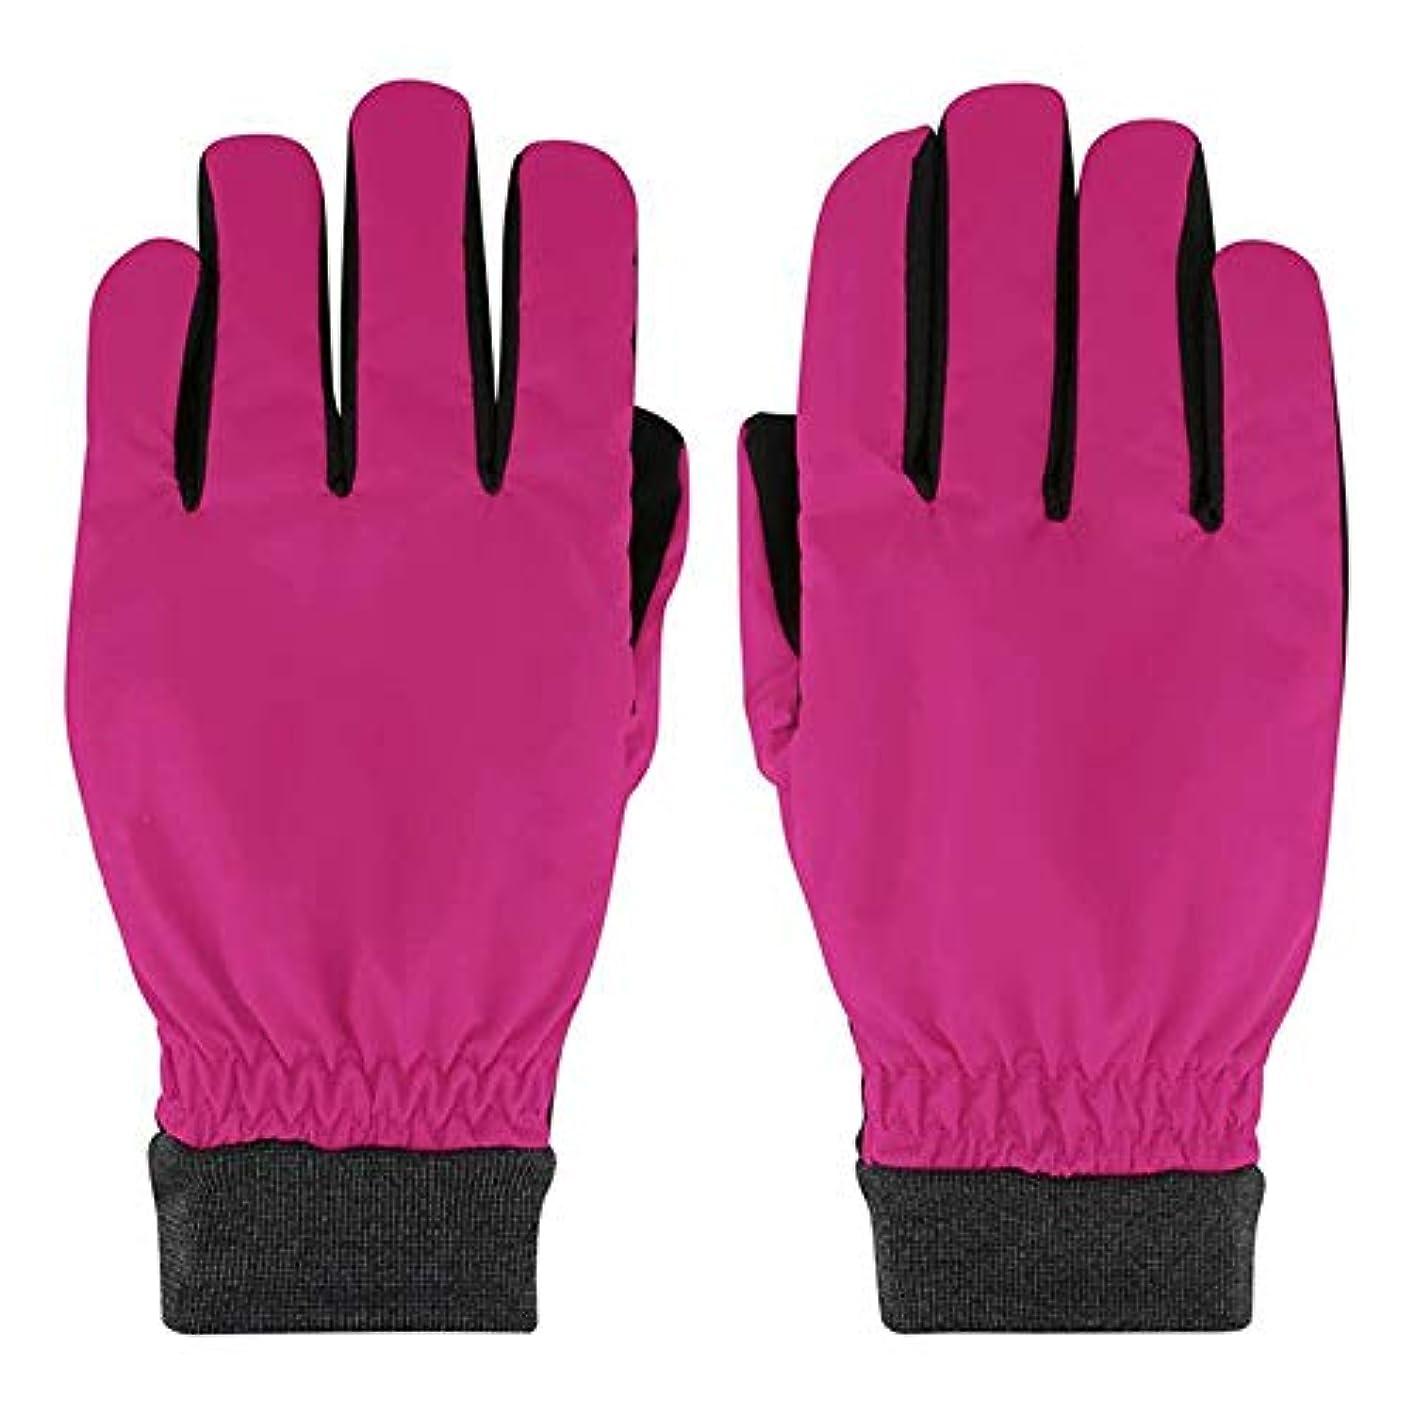 緊張するオアシス誇張する男性と女性の暖かい冬に乗って防水アウトドアクライミング学生手袋